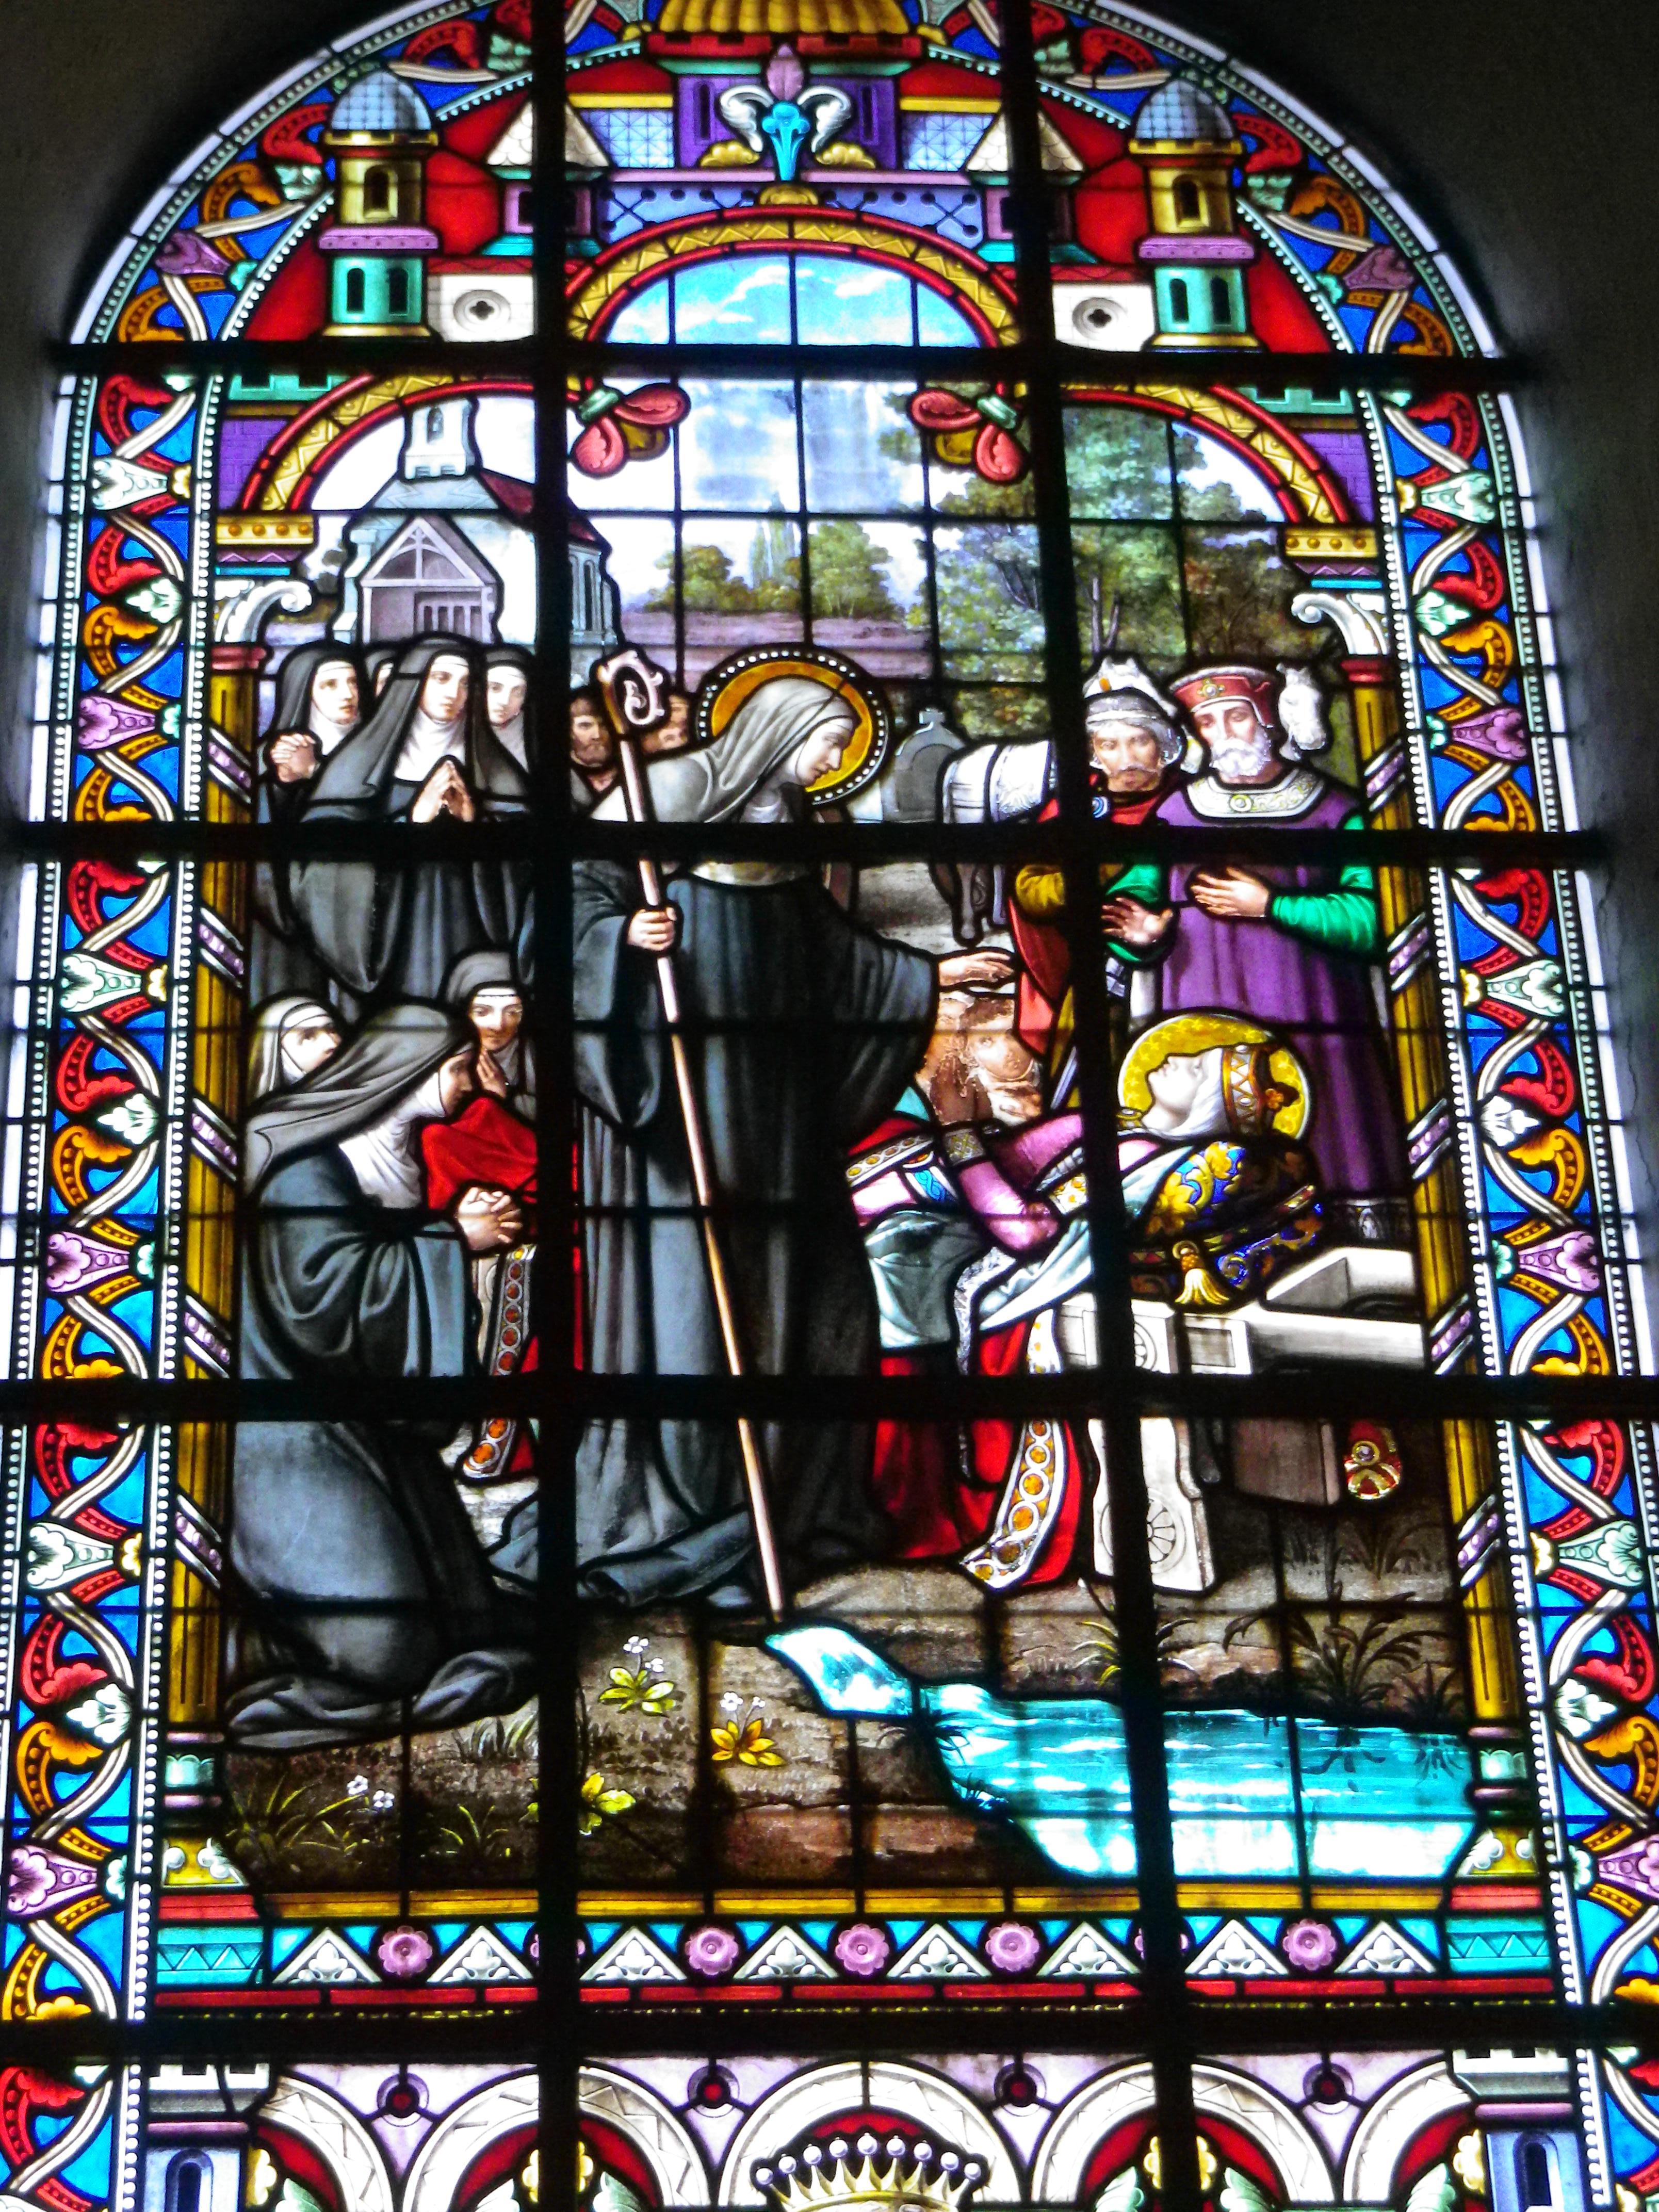 Retour du corps d'Emme à Blangy. Emme rouvrit les yeux une dernière fois pour contempler sa mère, avant de les refermer pour toujours. La source située derrière la chapelle Sainte-Emme (à la sortie de Blangy) est réputée guérir les maladies des yeux.